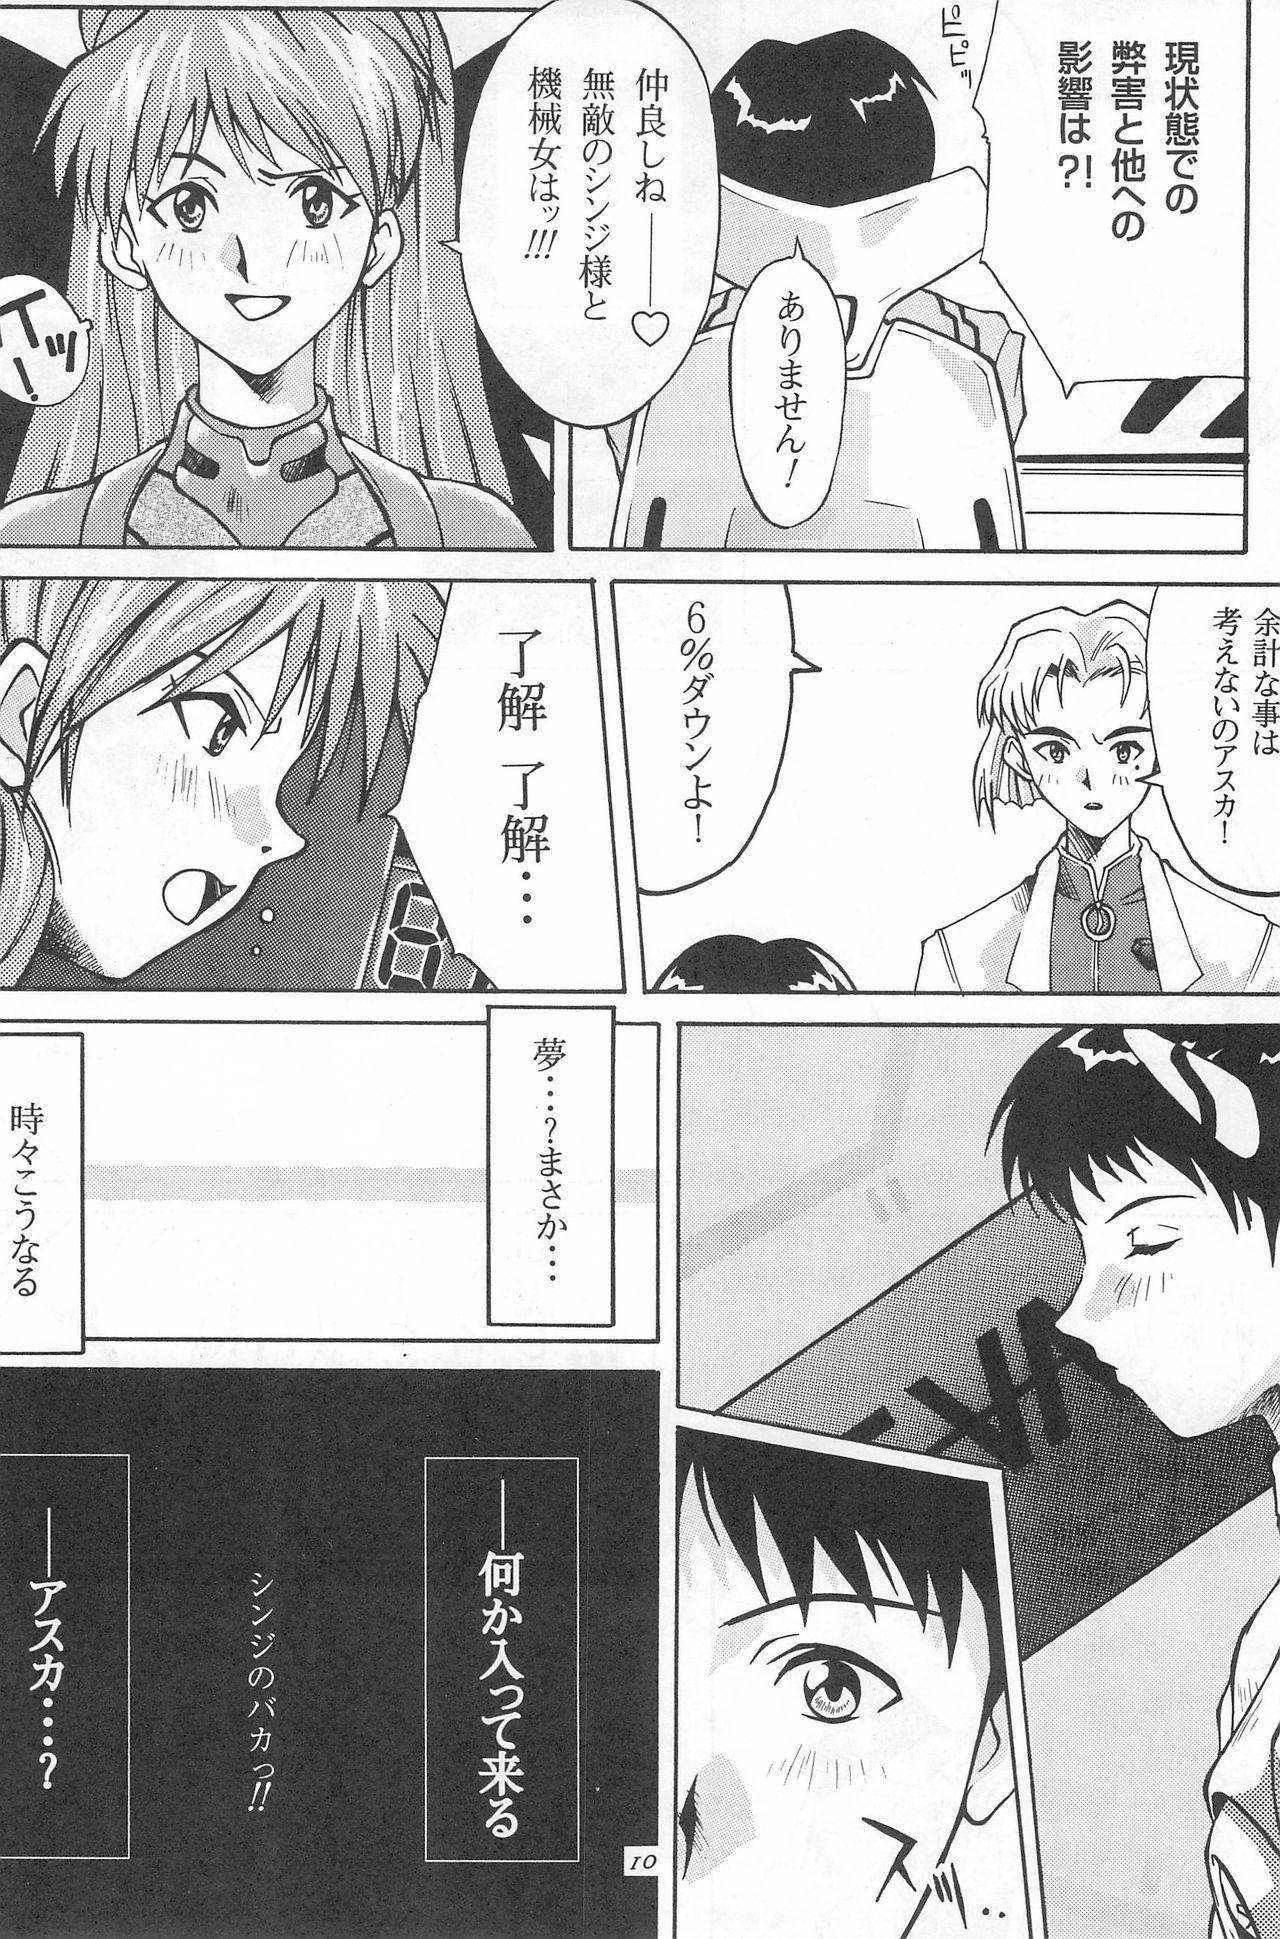 Youseiki Evanlolibon 9